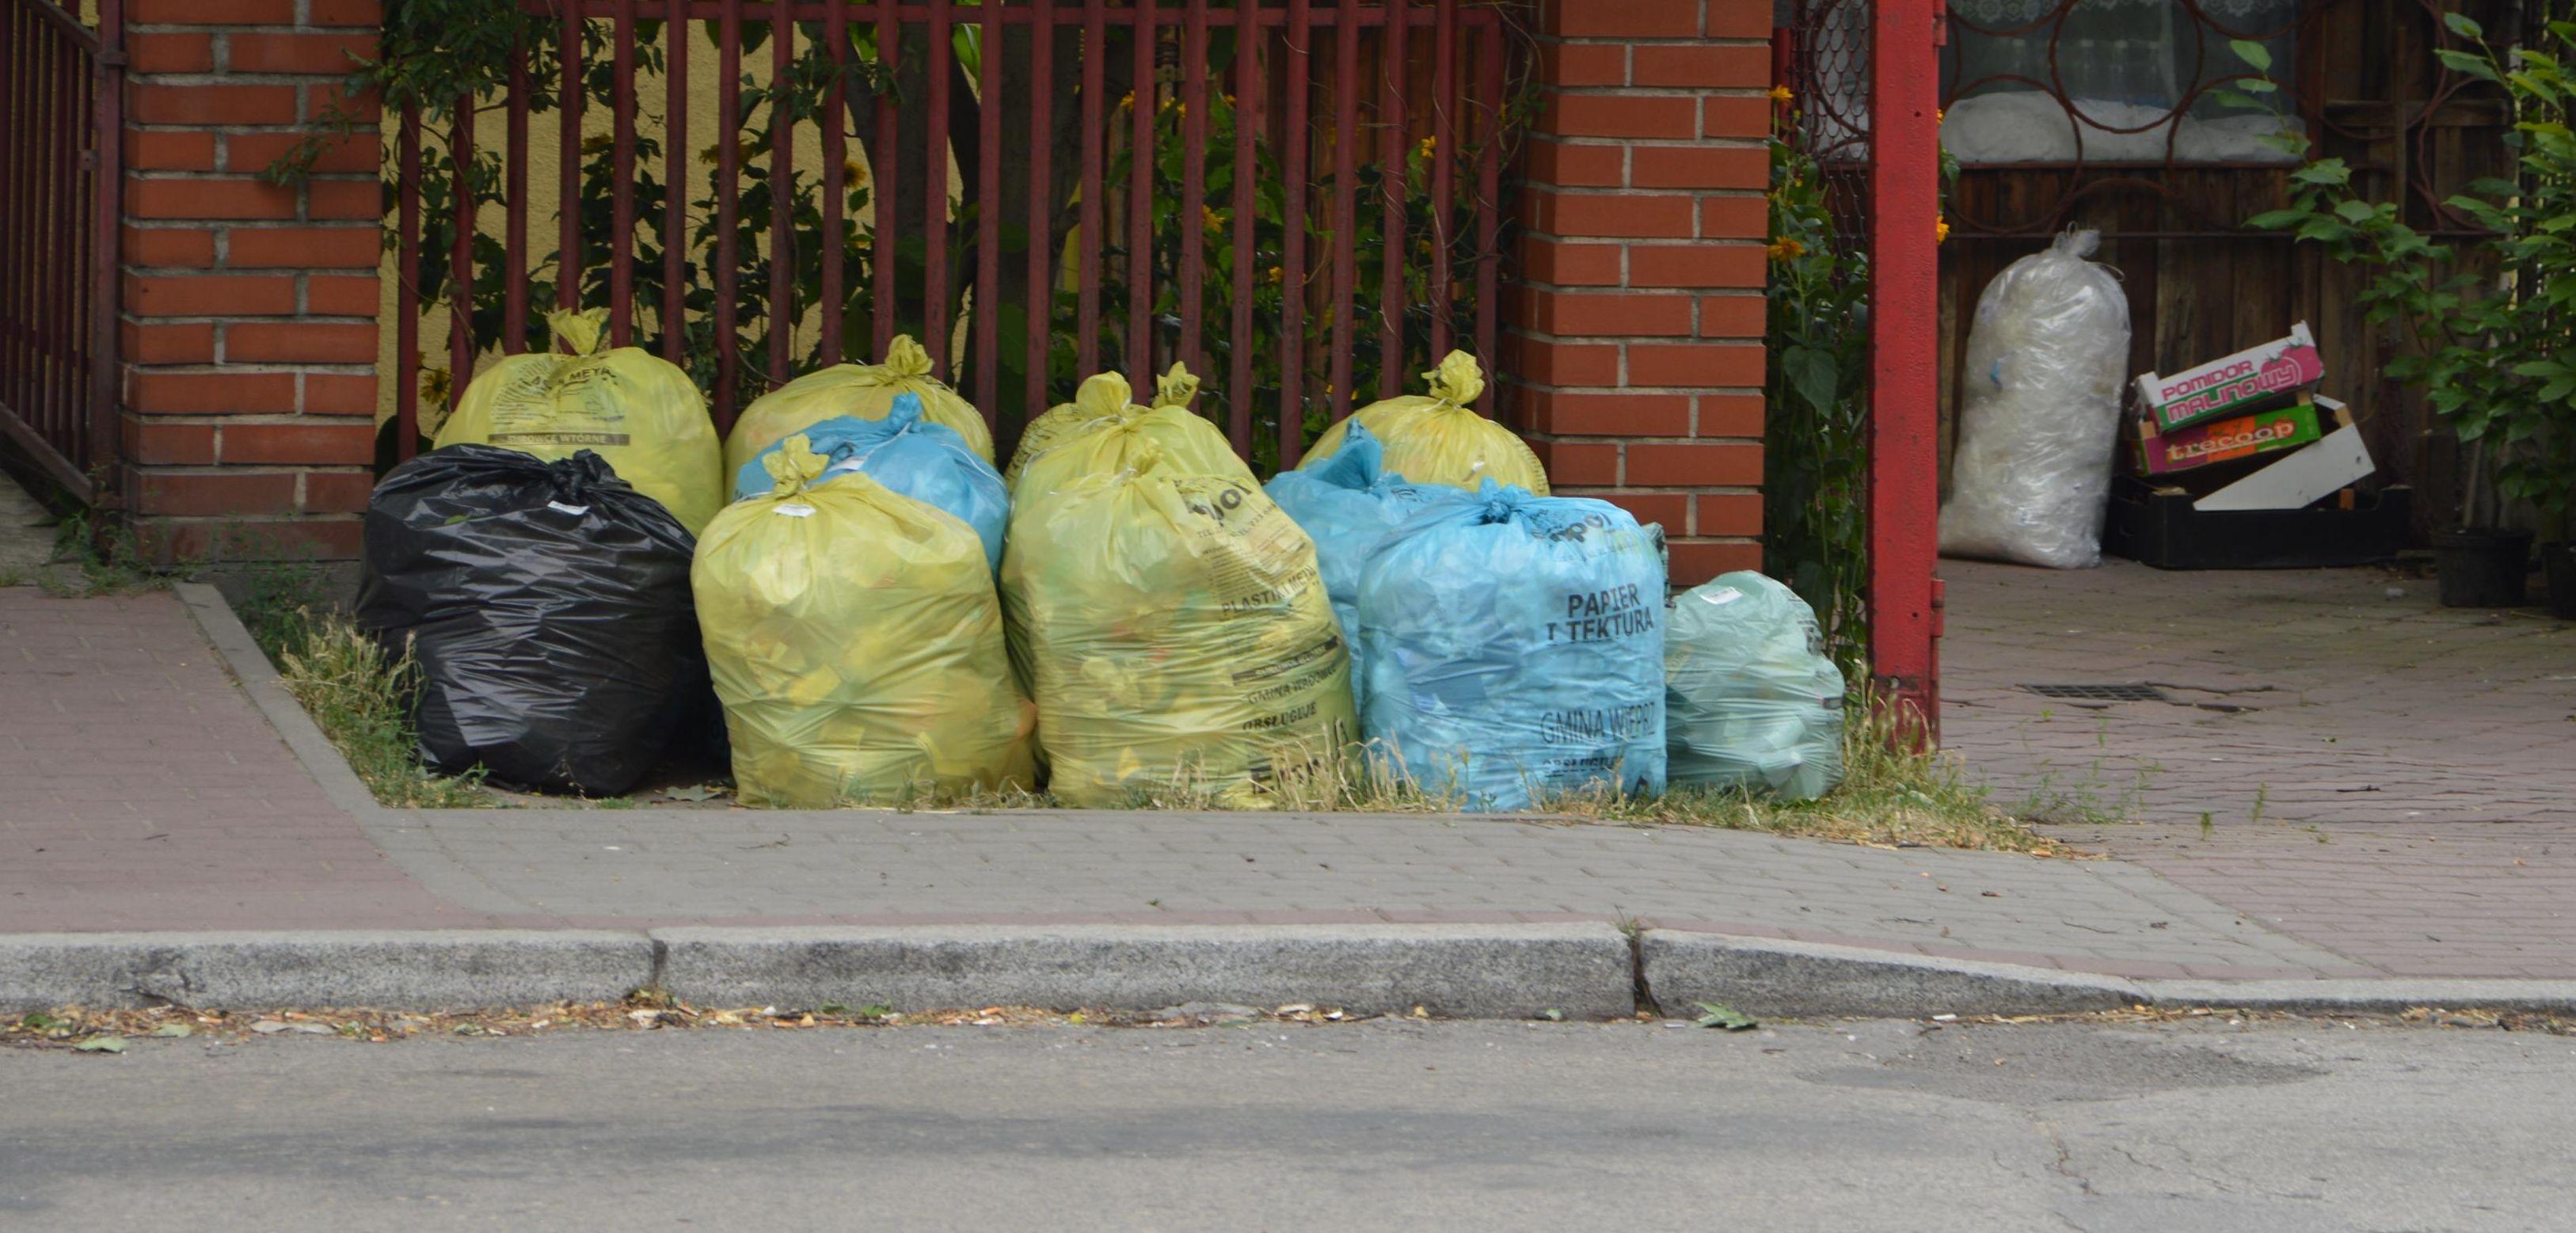 Co dalej z wywozem śmieci? Są szanse na poprawę sytuacji